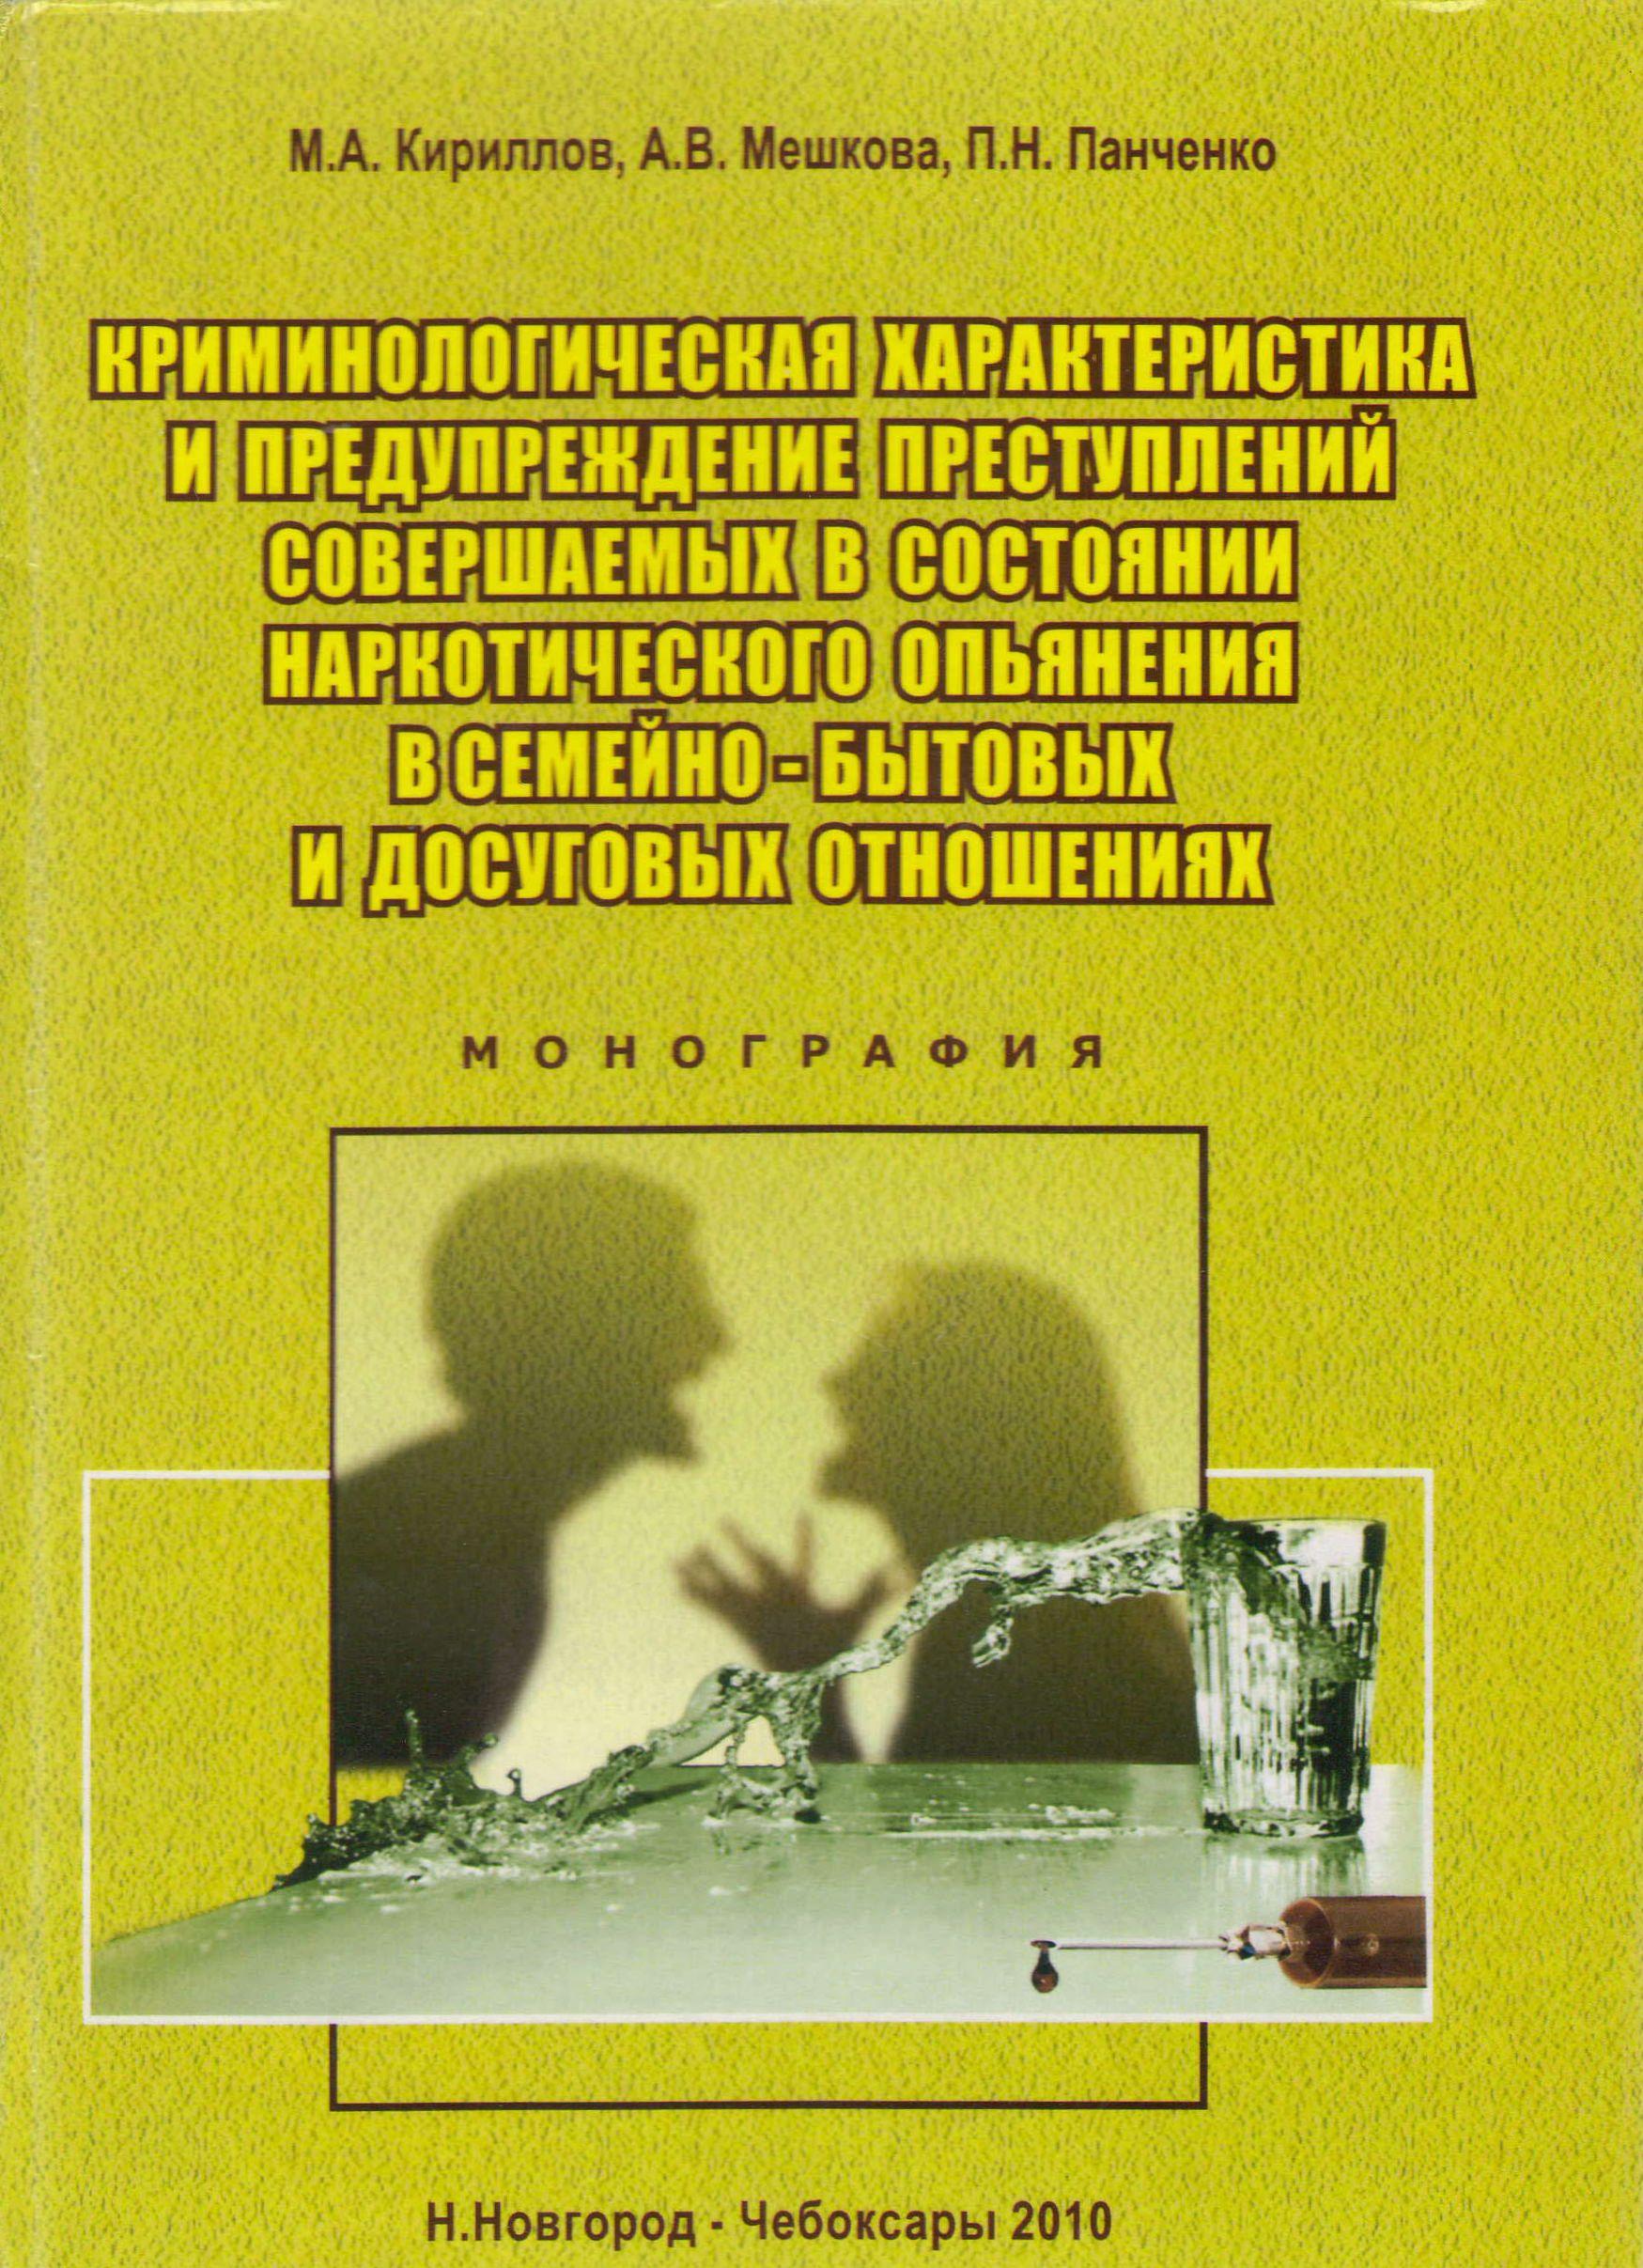 Криминологическая характеристика и предупреждение преступлений, совершаемых в состоянии наркотического опьянения в семейно-бытовых отношениях